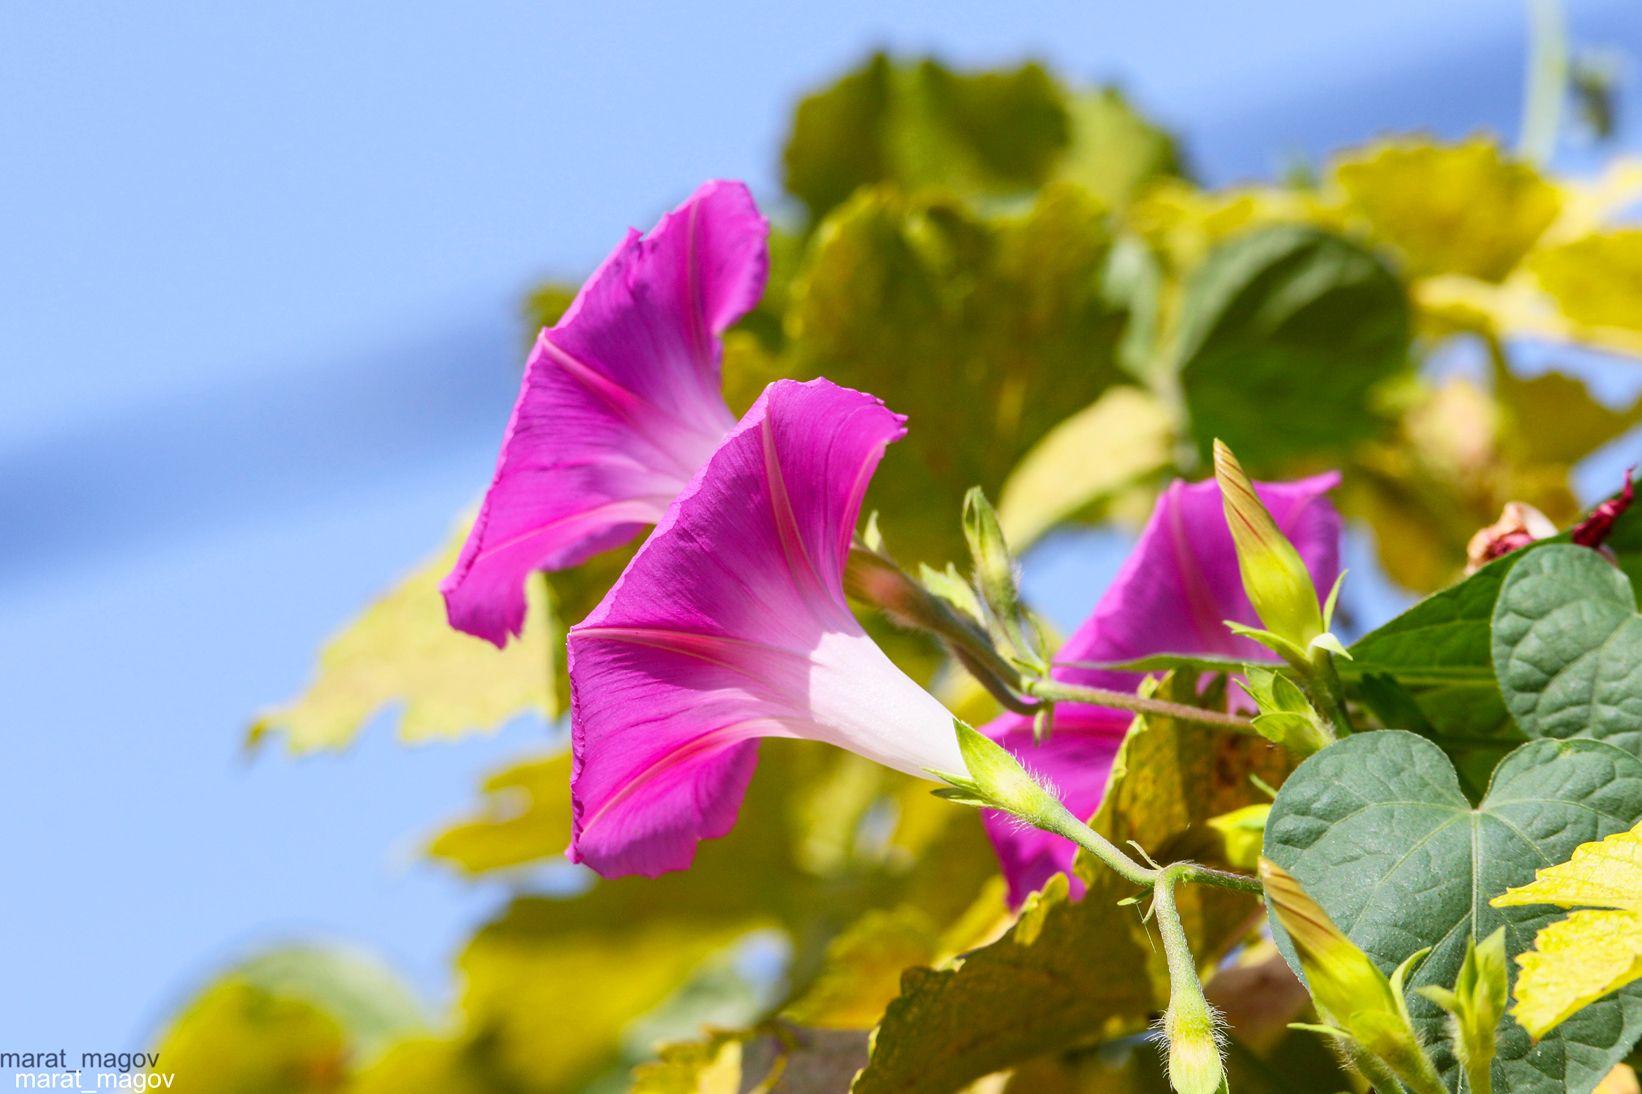 флора,природа,цветы,, Magov Marat